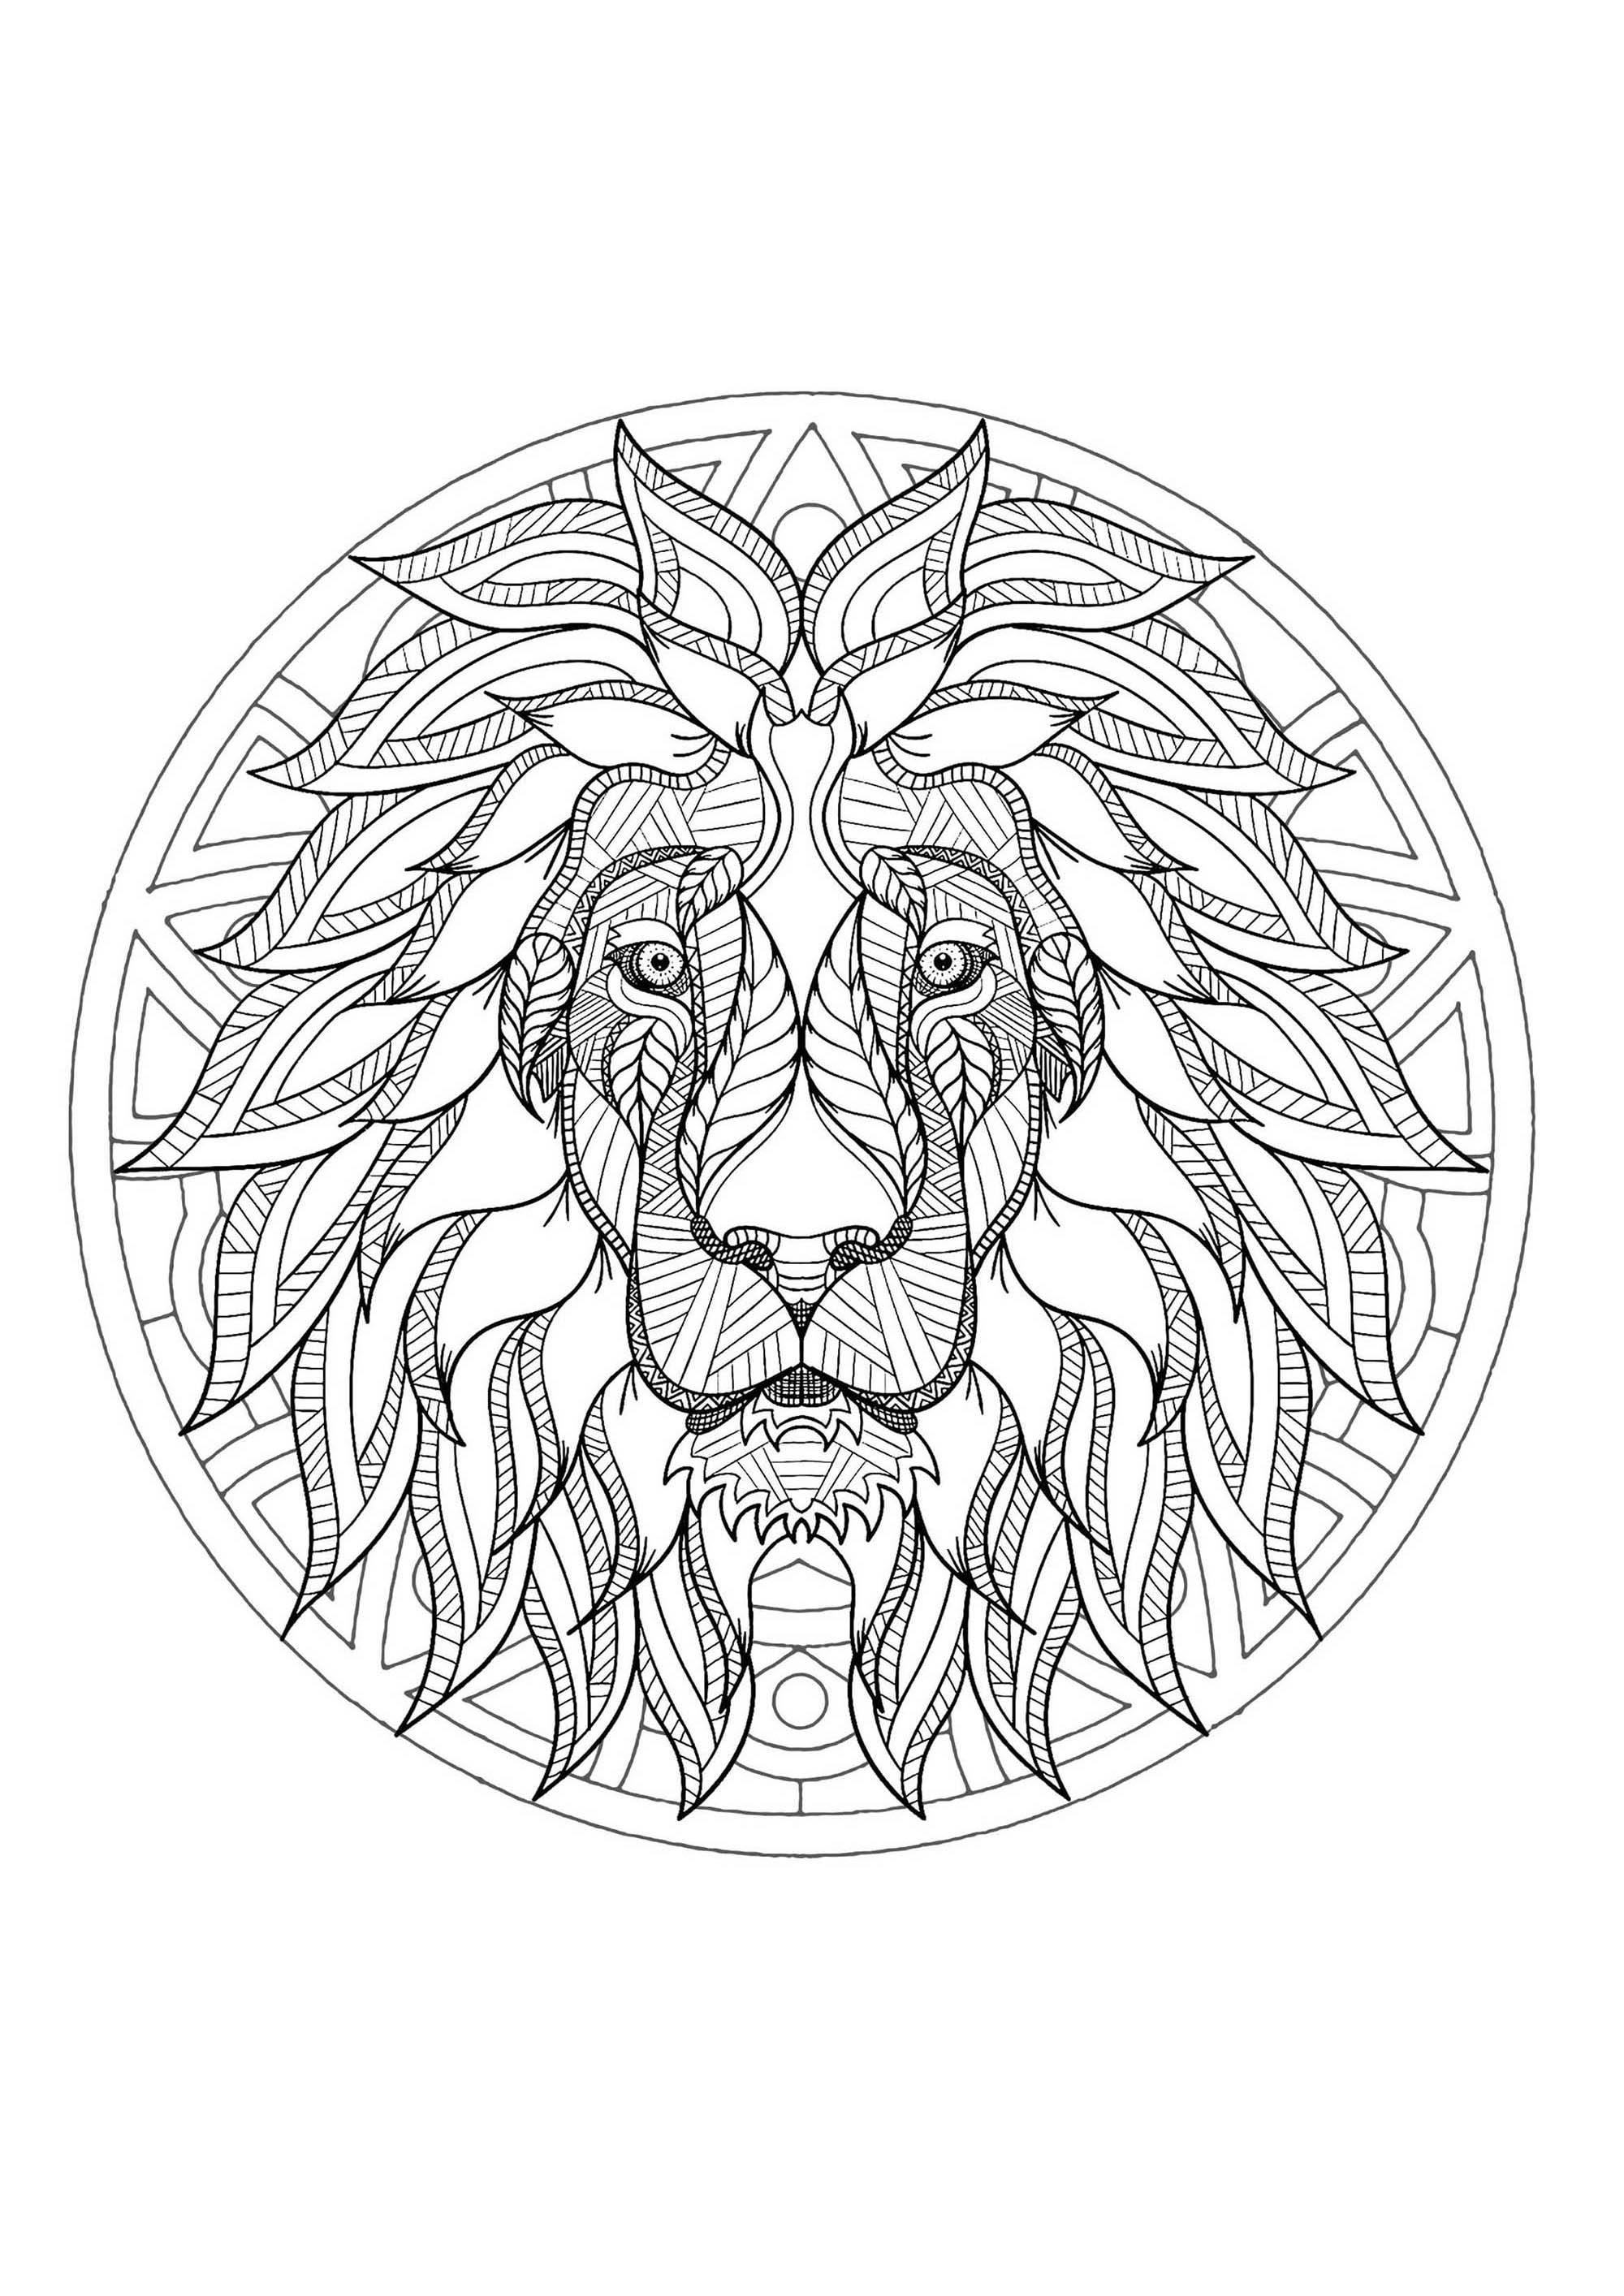 2000x2828 Mandala Lion Head 3 Mandalas